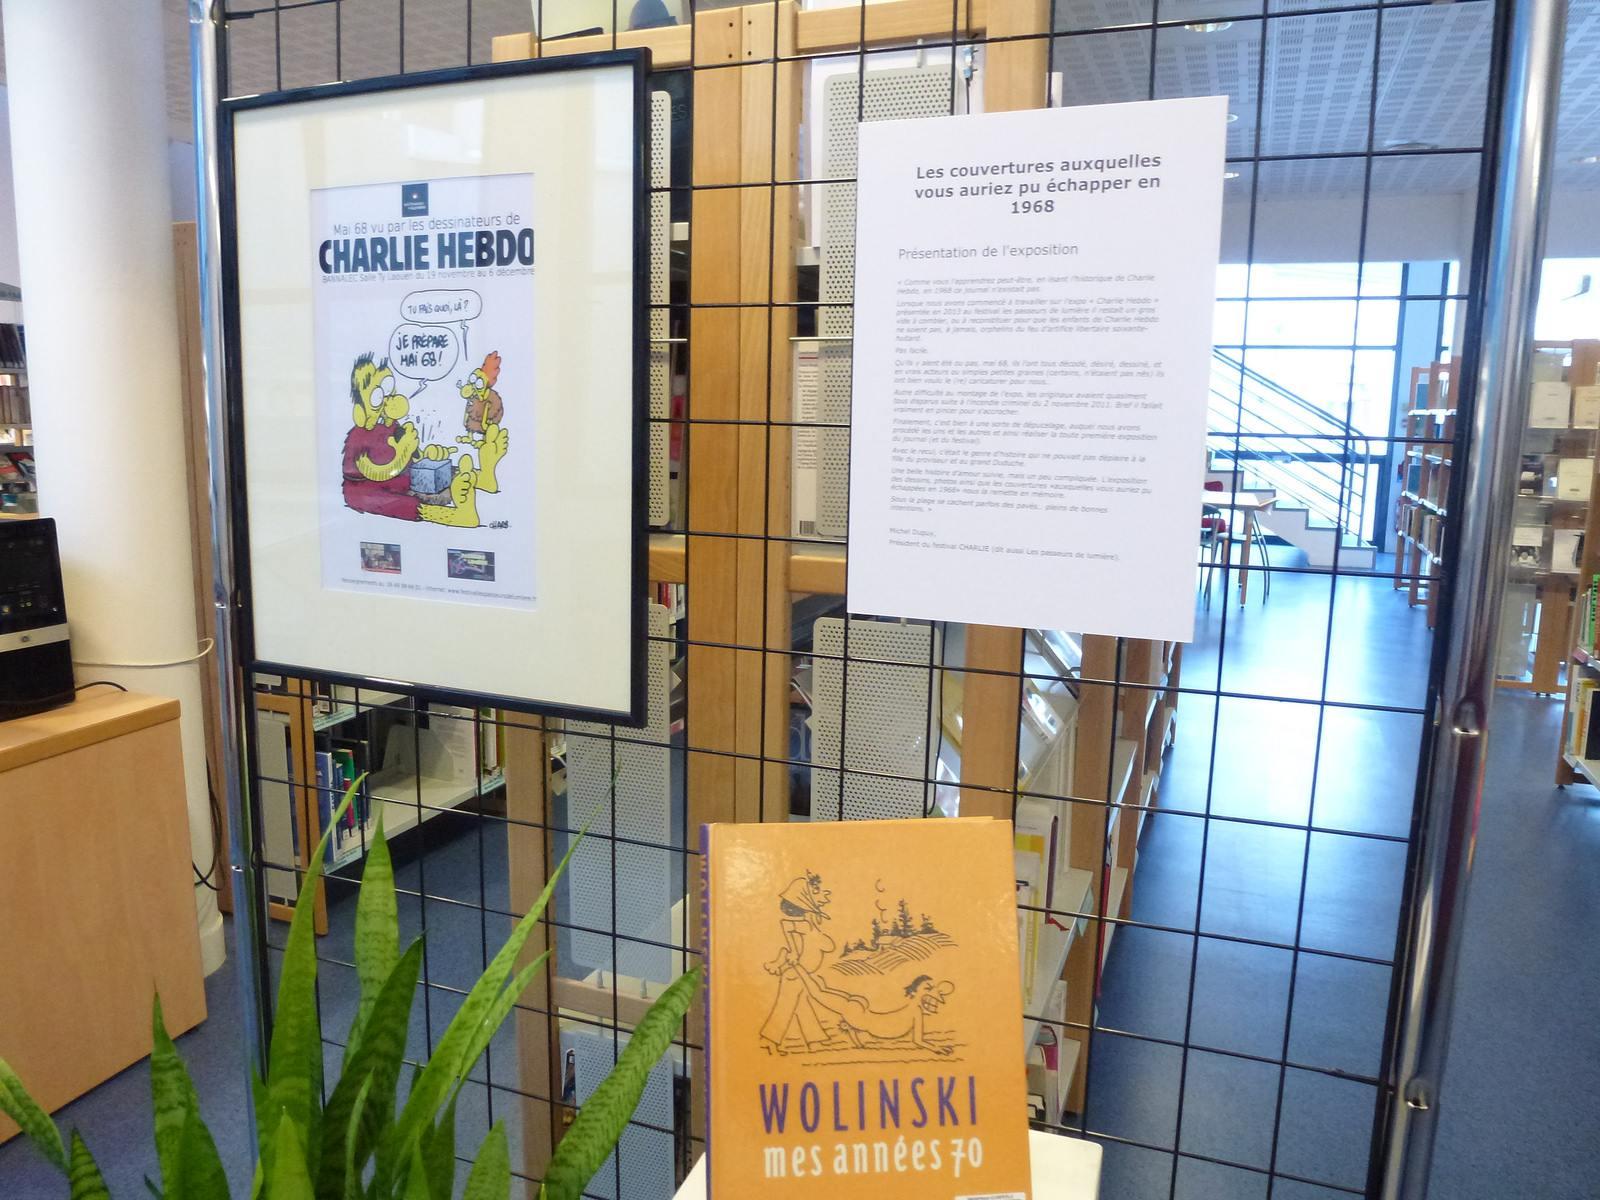 charlie hebdo exhibit5 Exhibition Charlie Hebdo at Quimperle